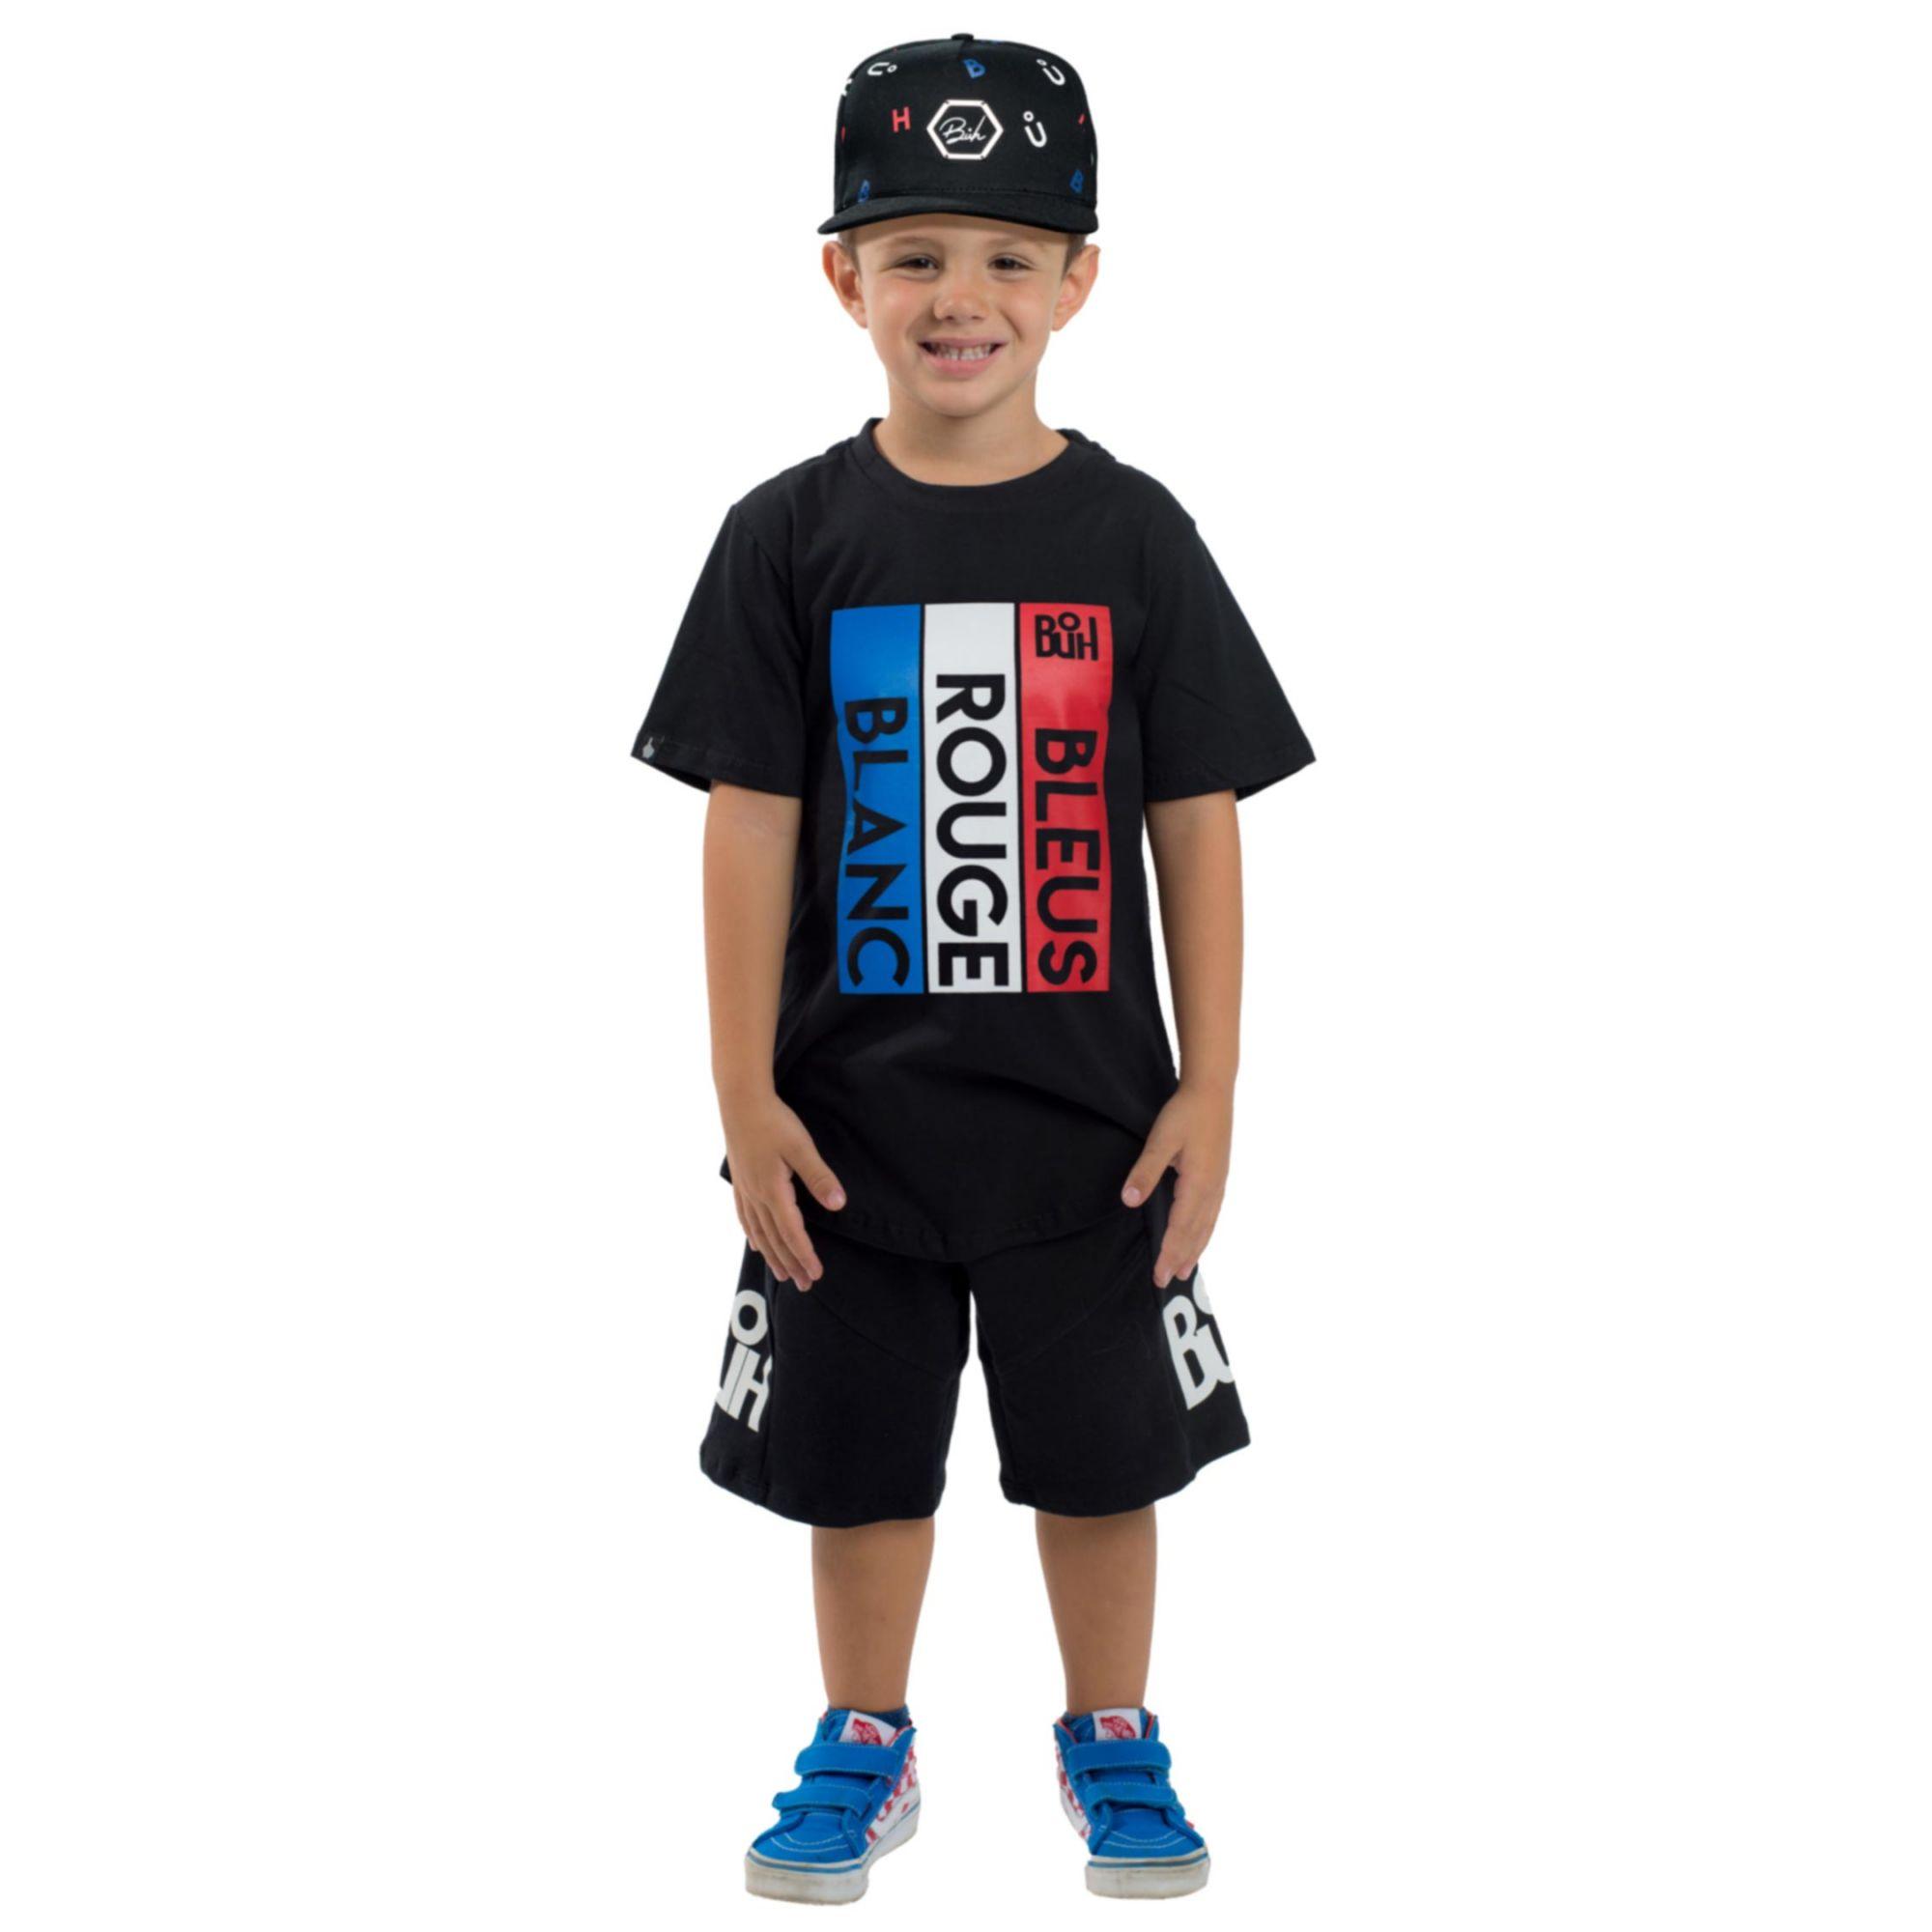 Camiseta Buh Kids BRB Black